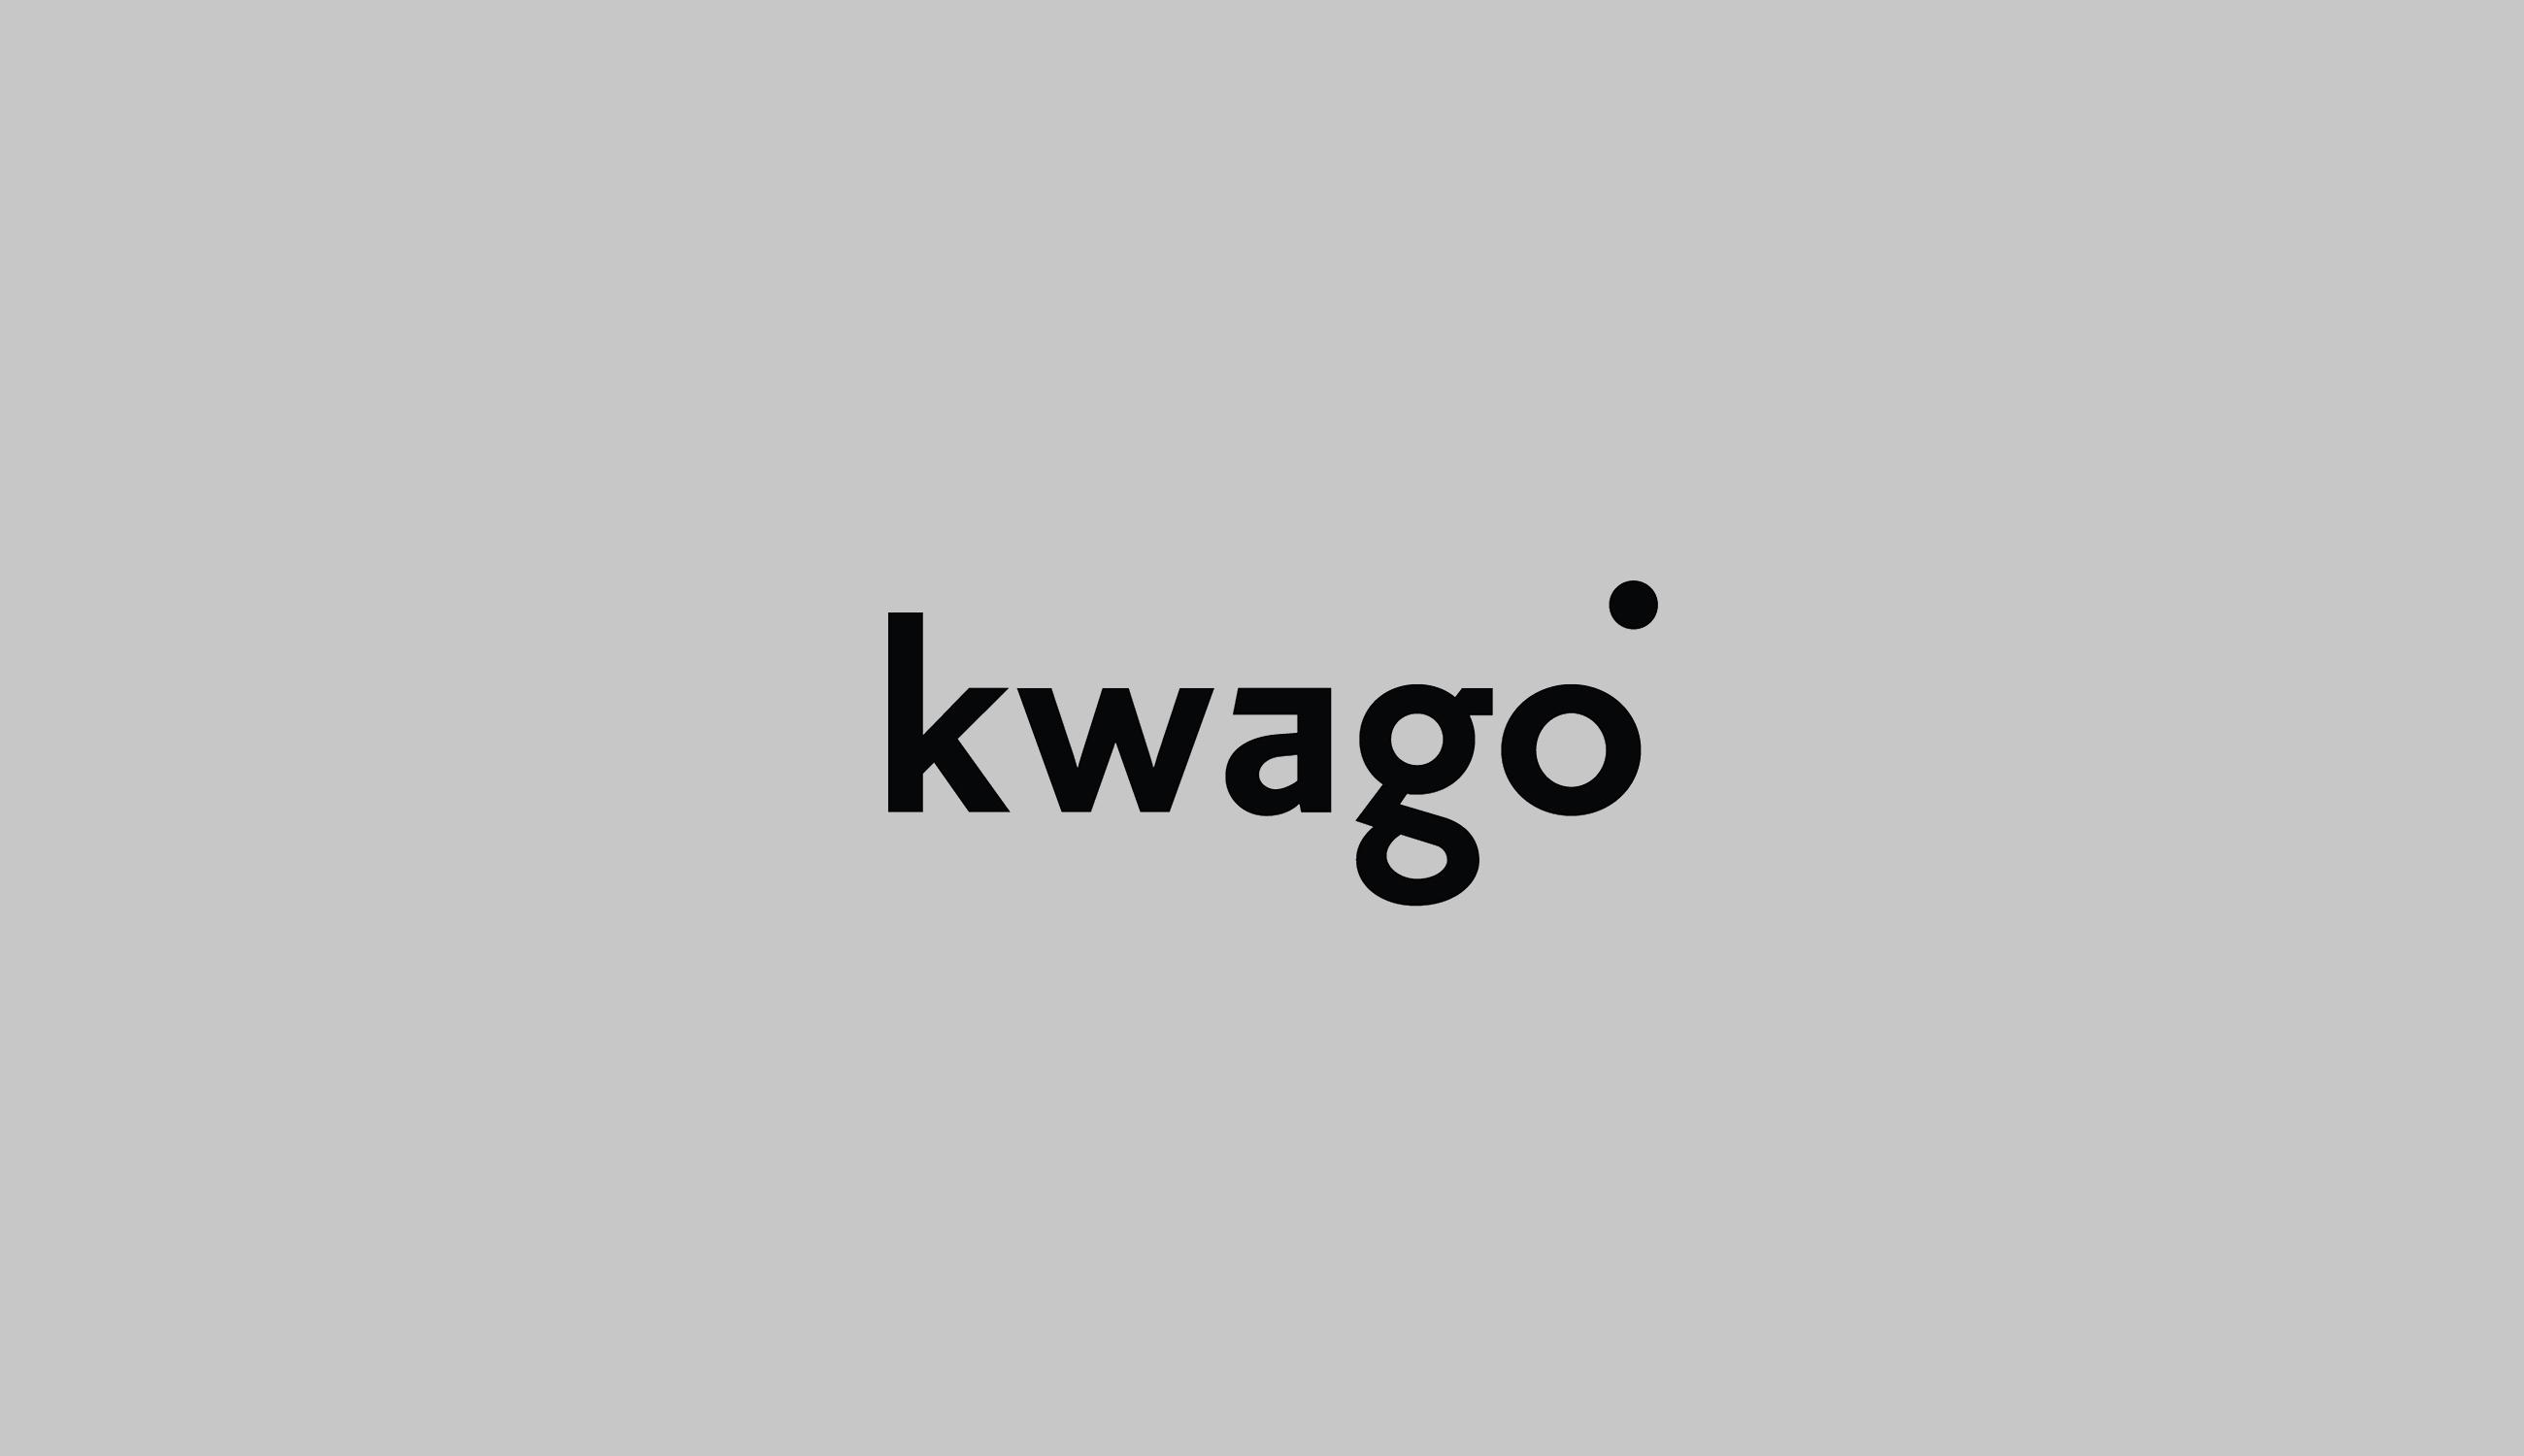 Kwago